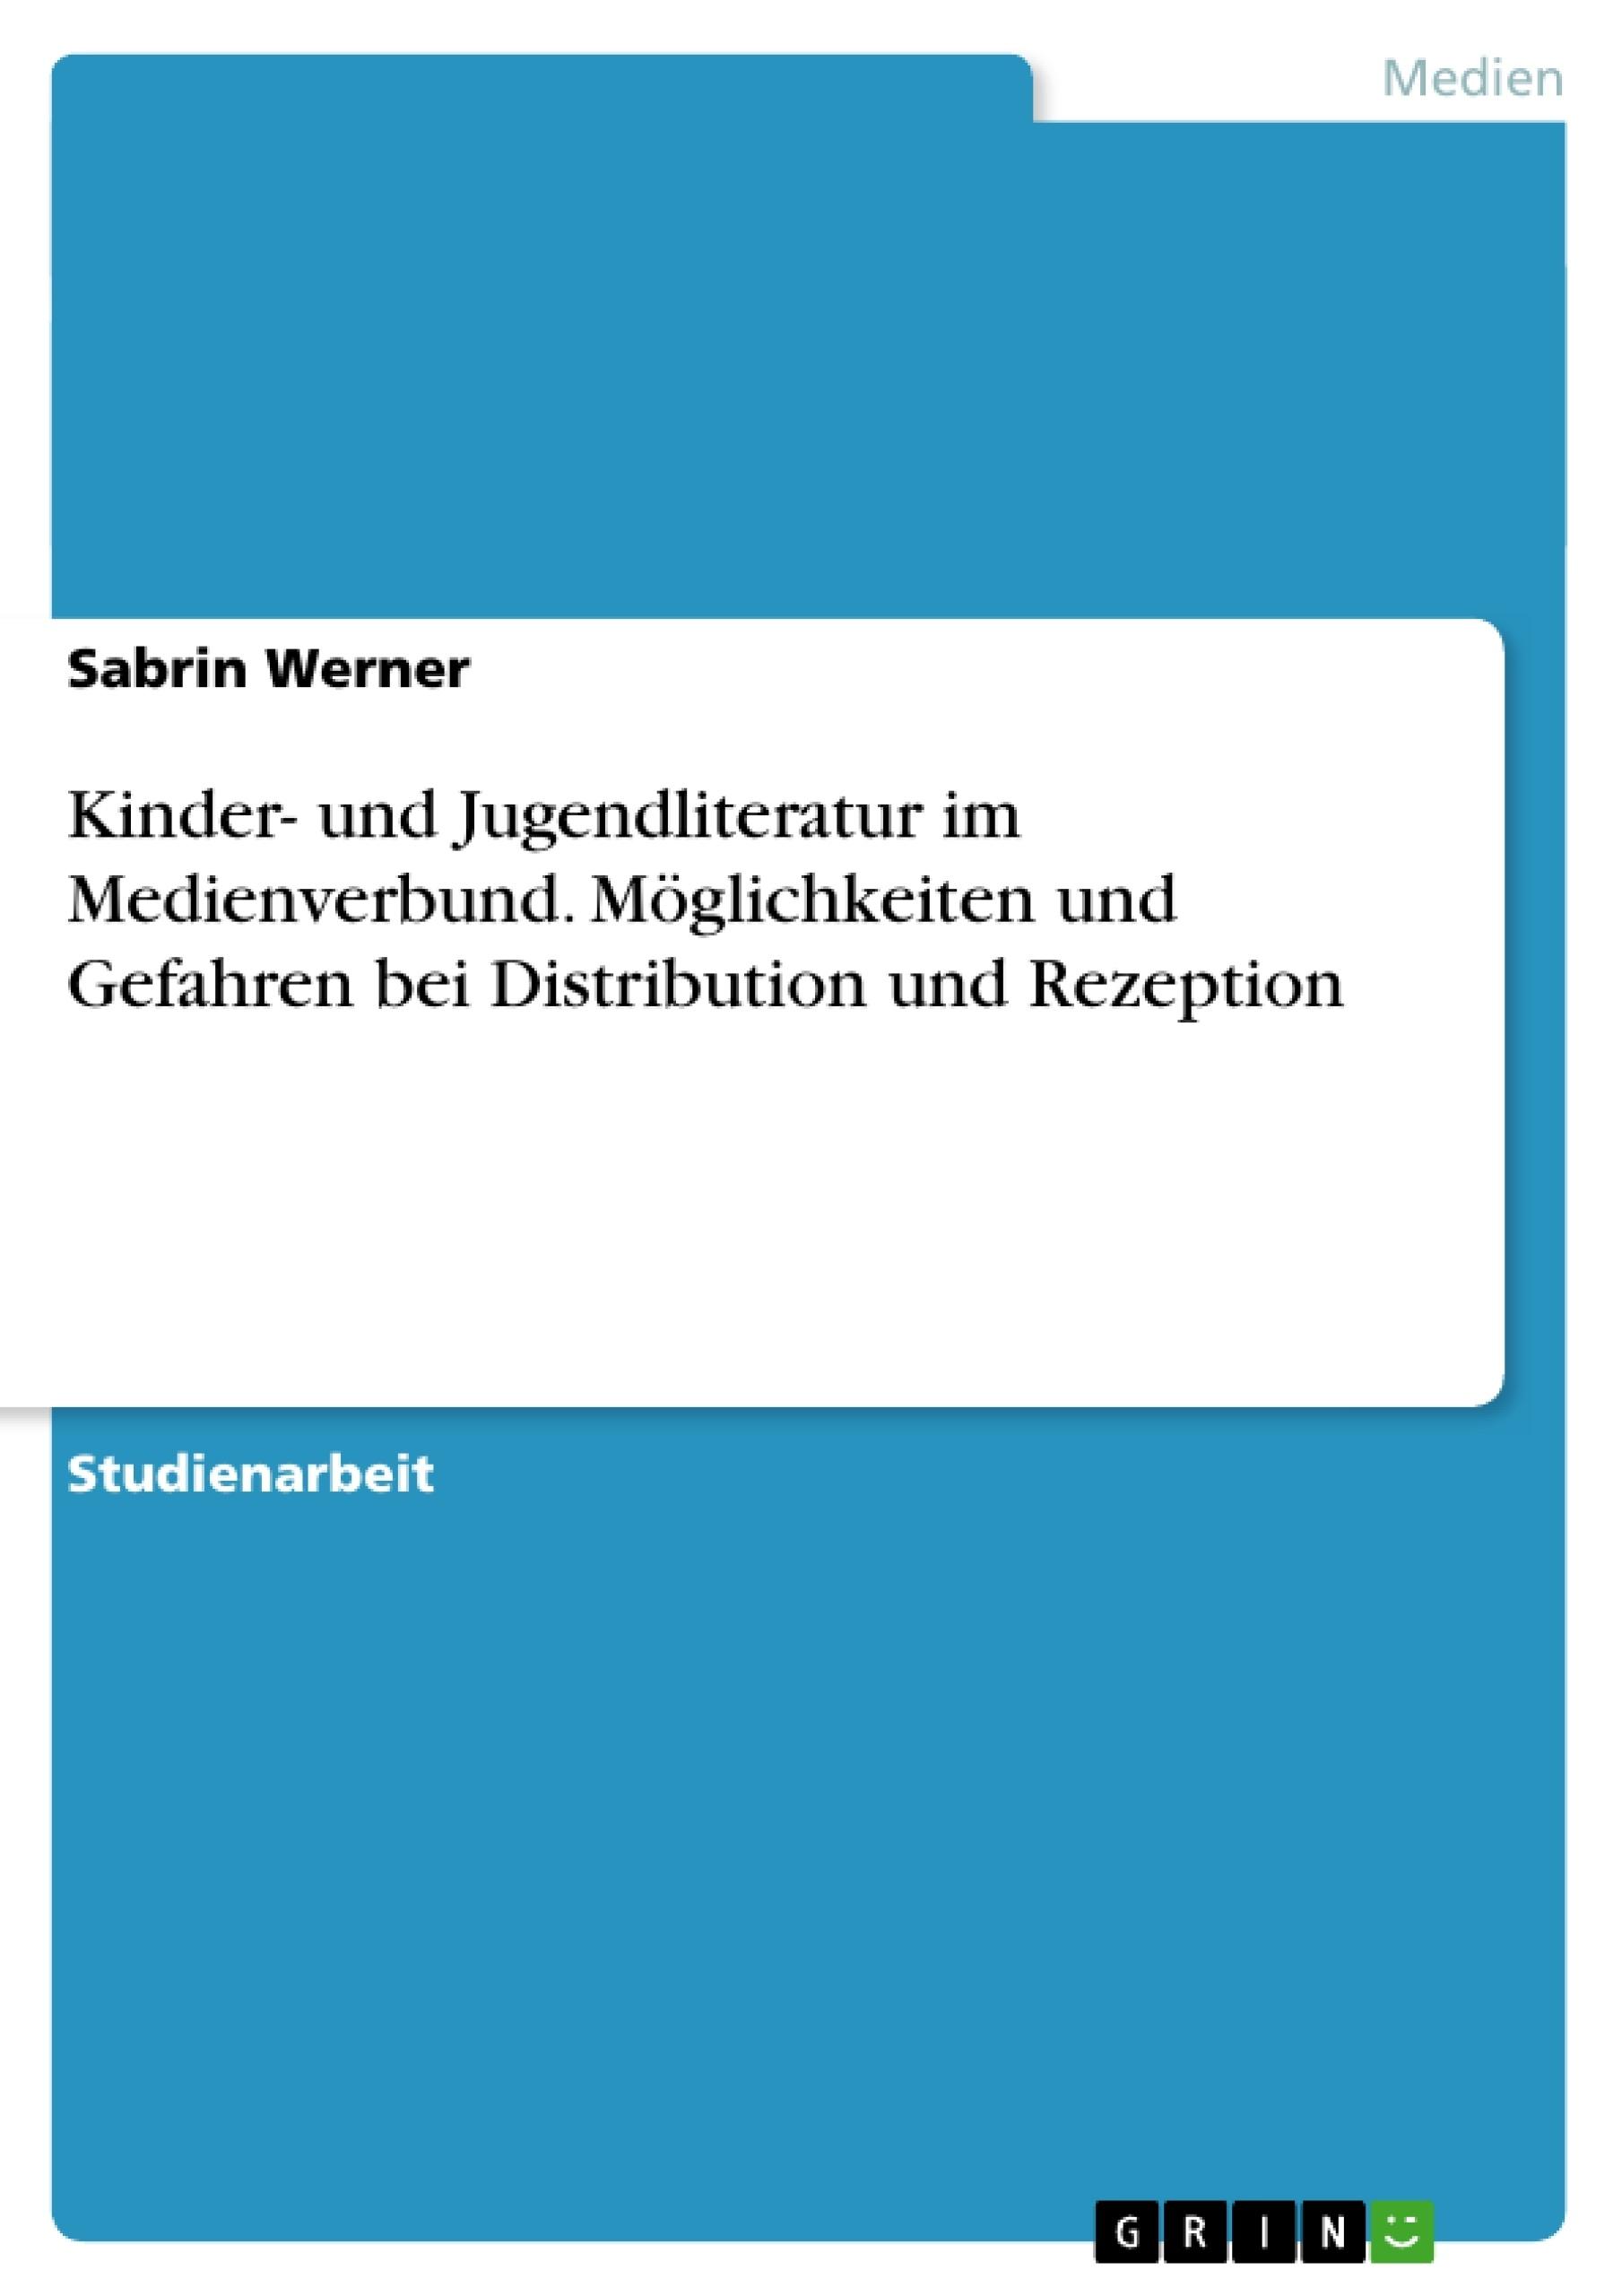 Titel: Kinder- und Jugendliteratur im Medienverbund. Möglichkeiten und Gefahren bei Distribution und Rezeption